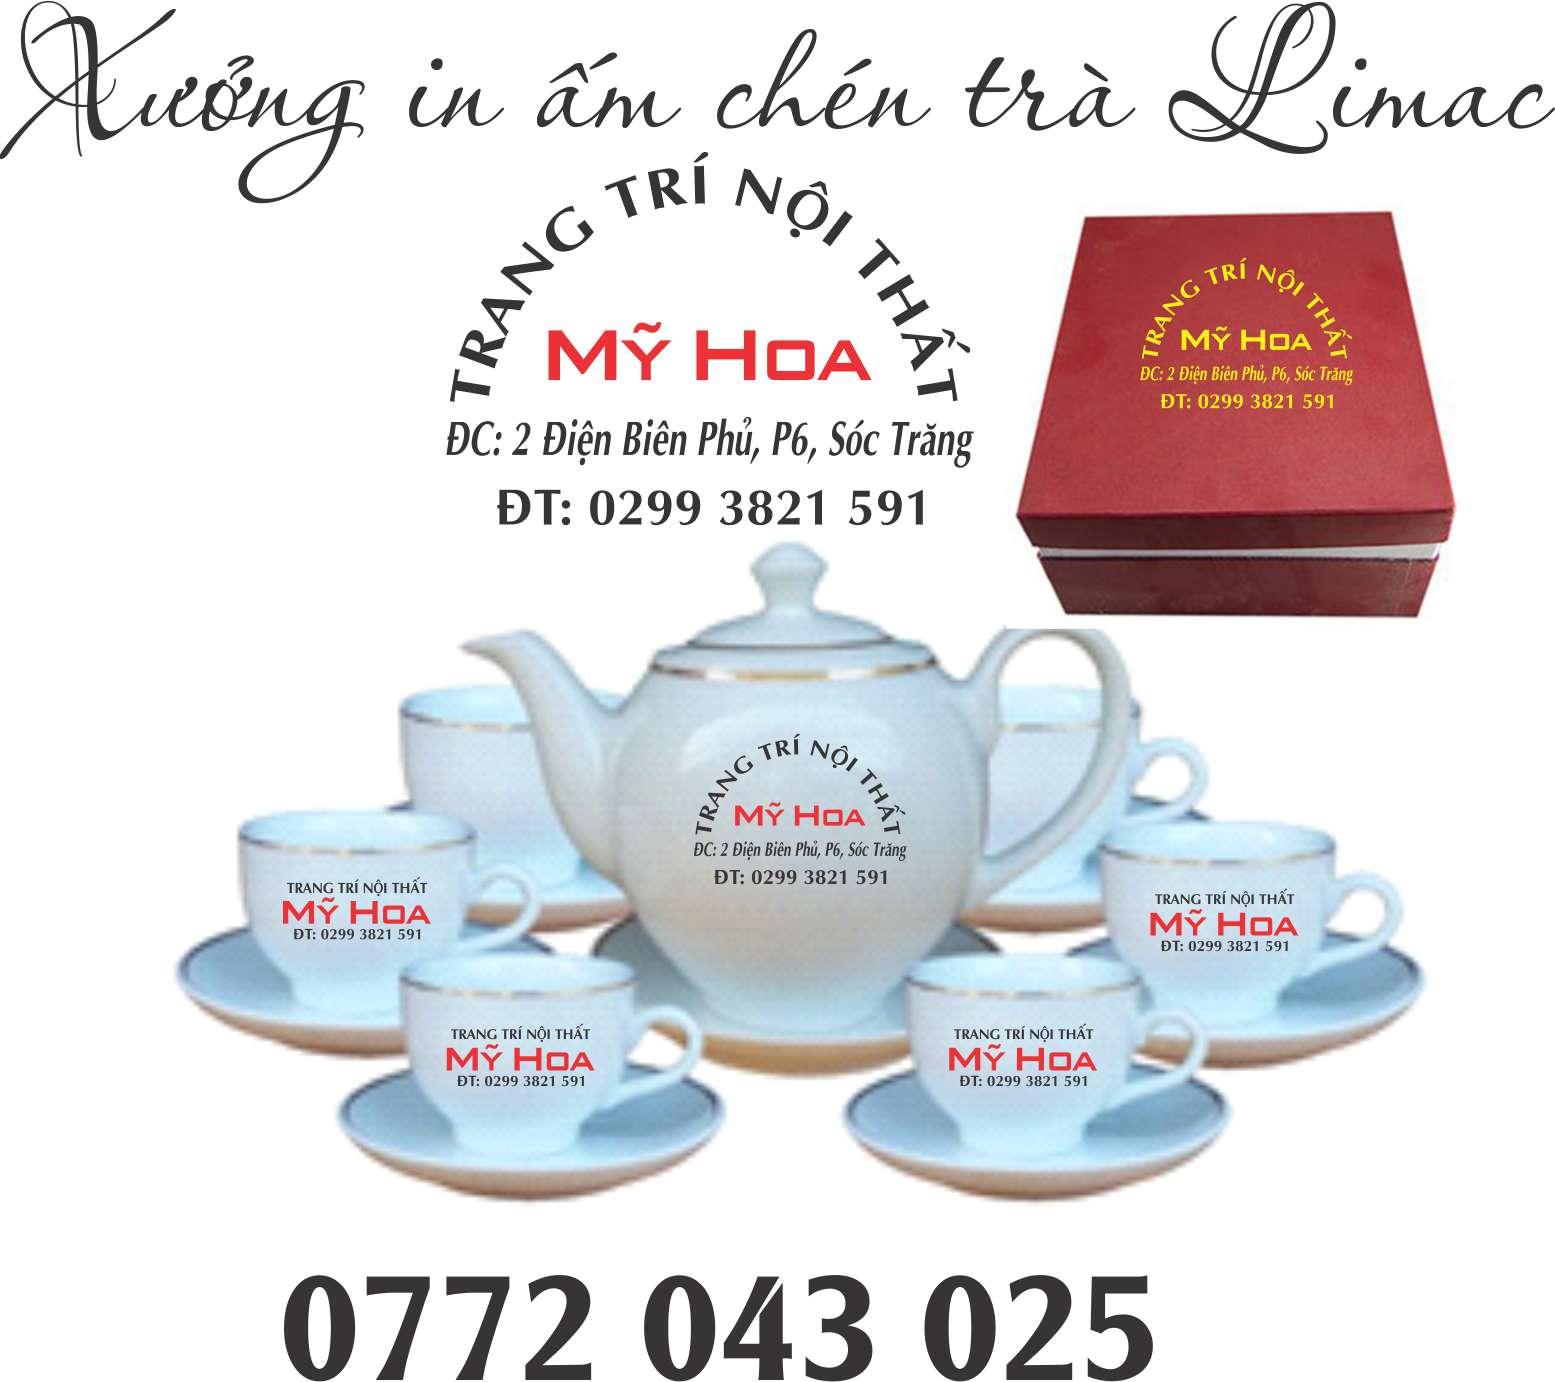 Xưởng in ấm chén trà làm quà tặng Tết